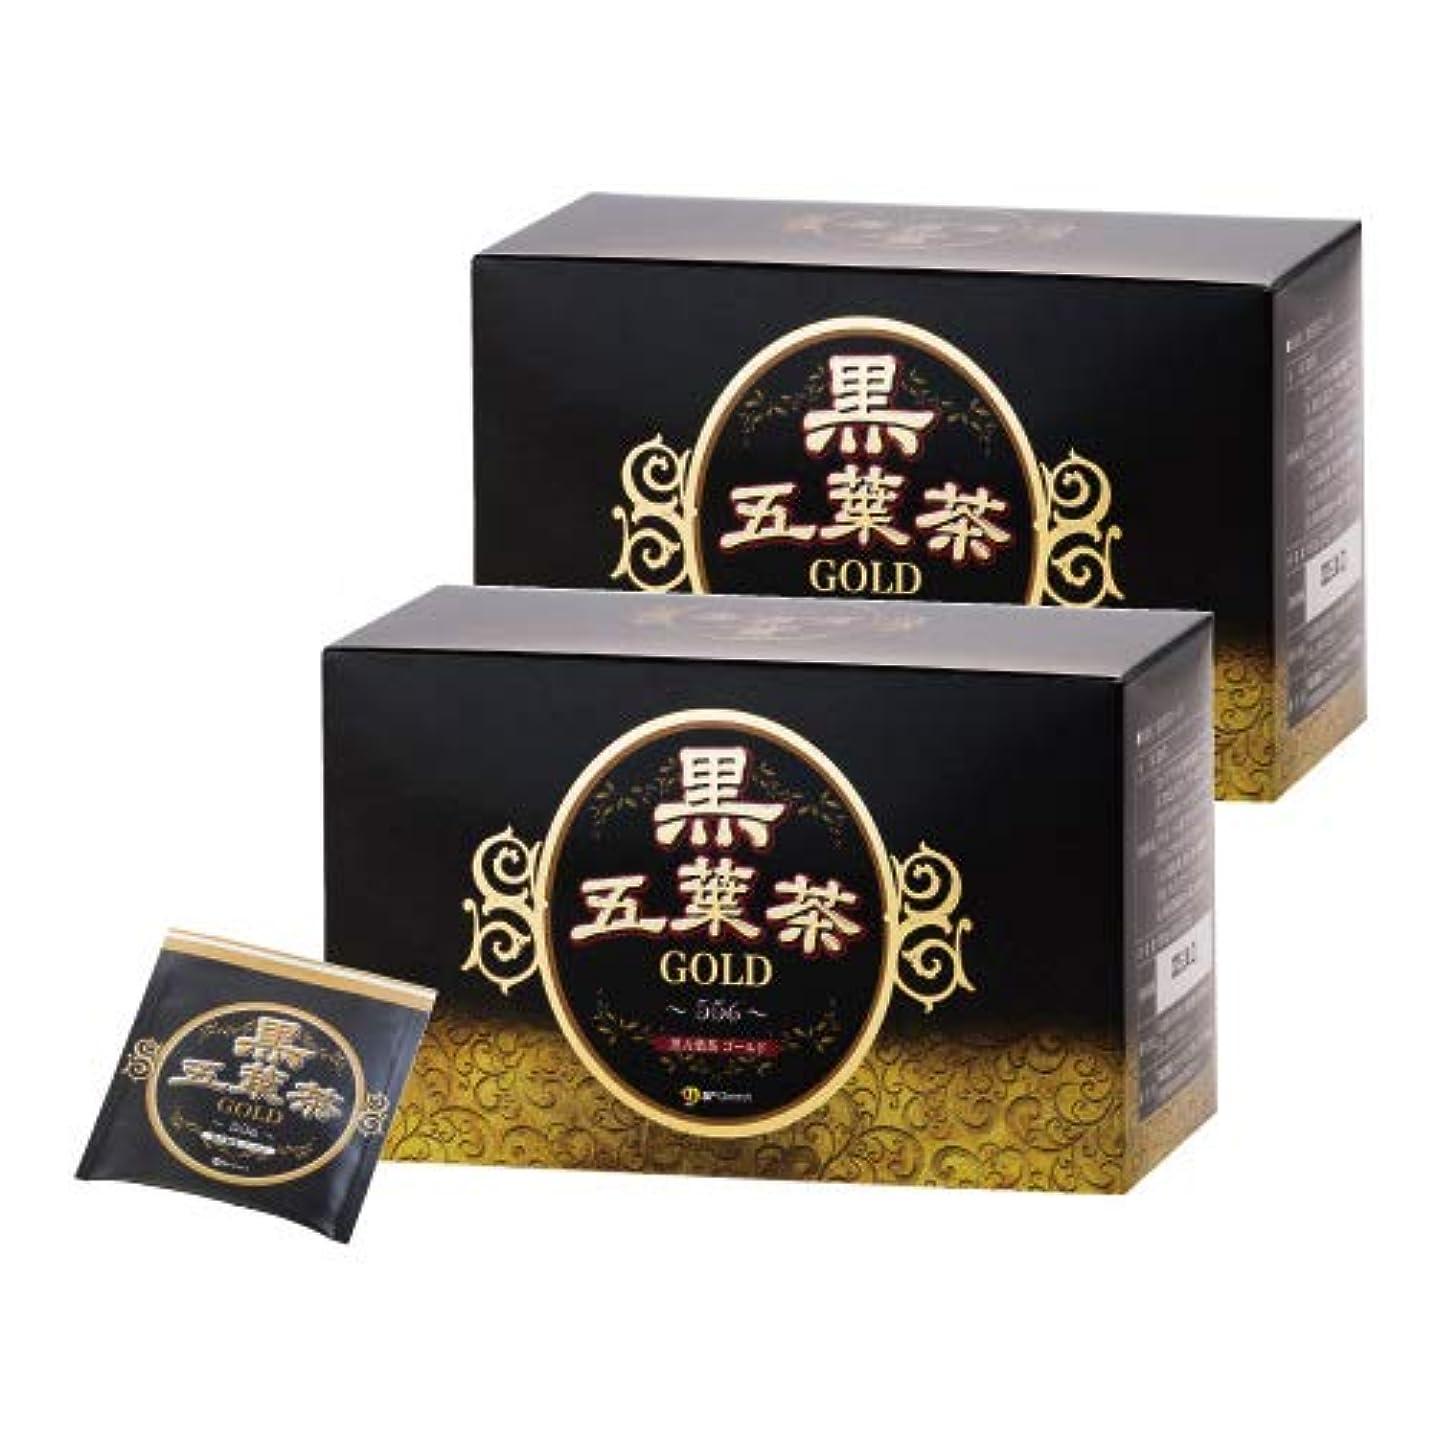 反射居心地の良い大声で黒五葉茶ゴールド 30包 2箱セット ダイエット ダイエット茶 ダイエットティー ハーブティー 難消化性デキストリン